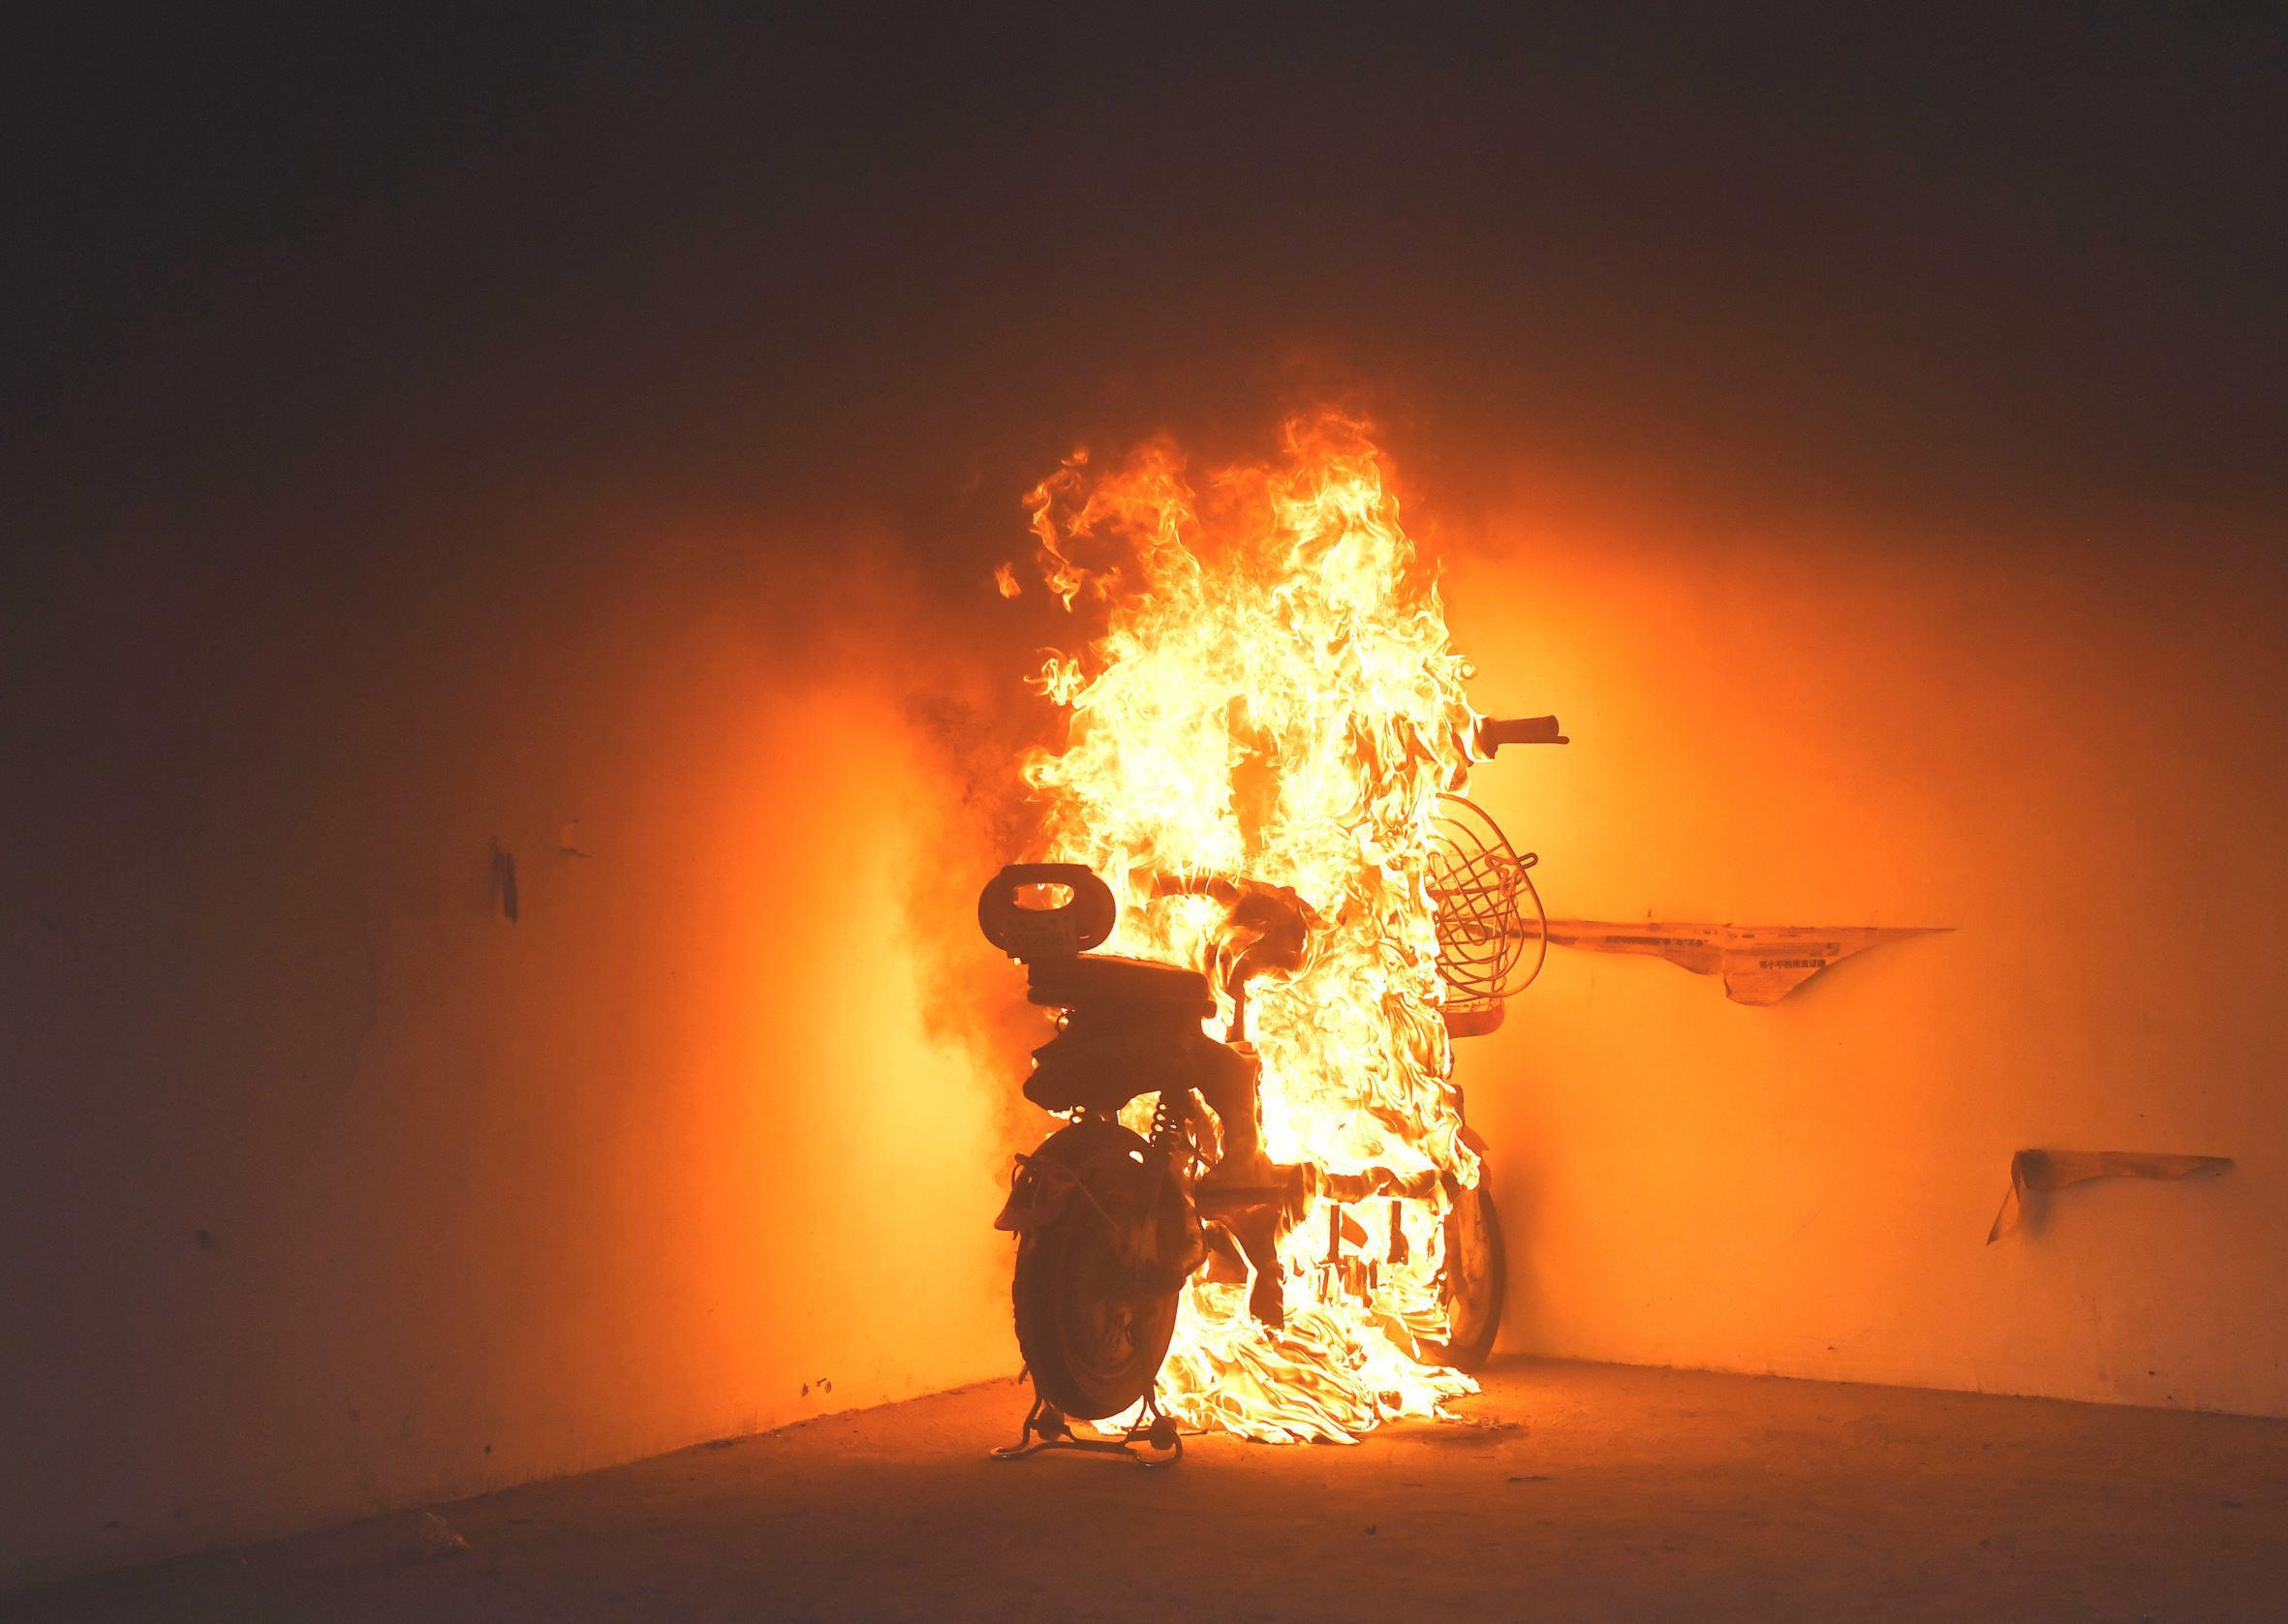 电瓶车为何会起火?锂离子电池安全吗?